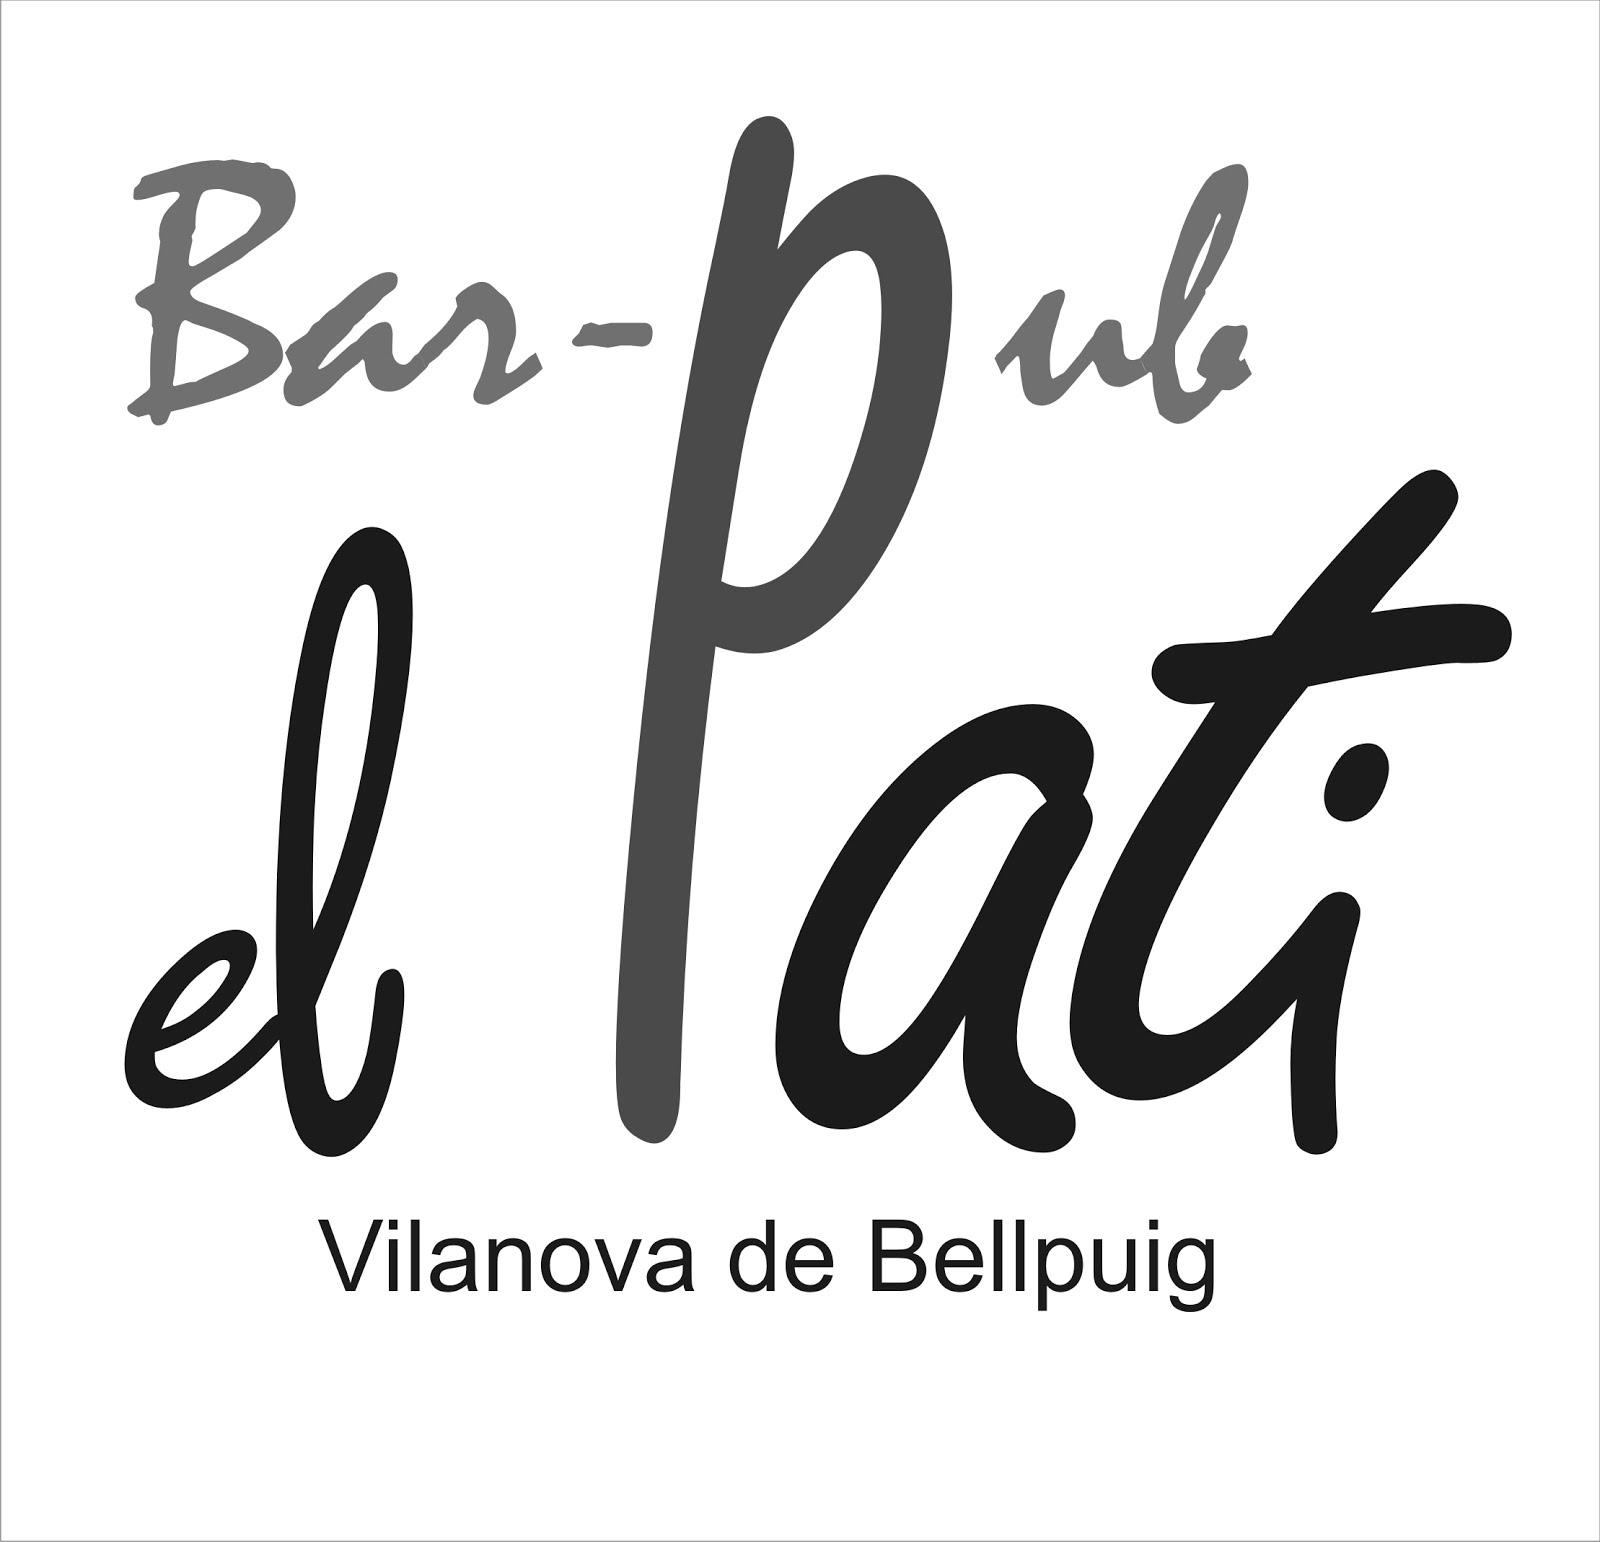 BAR EL PATI